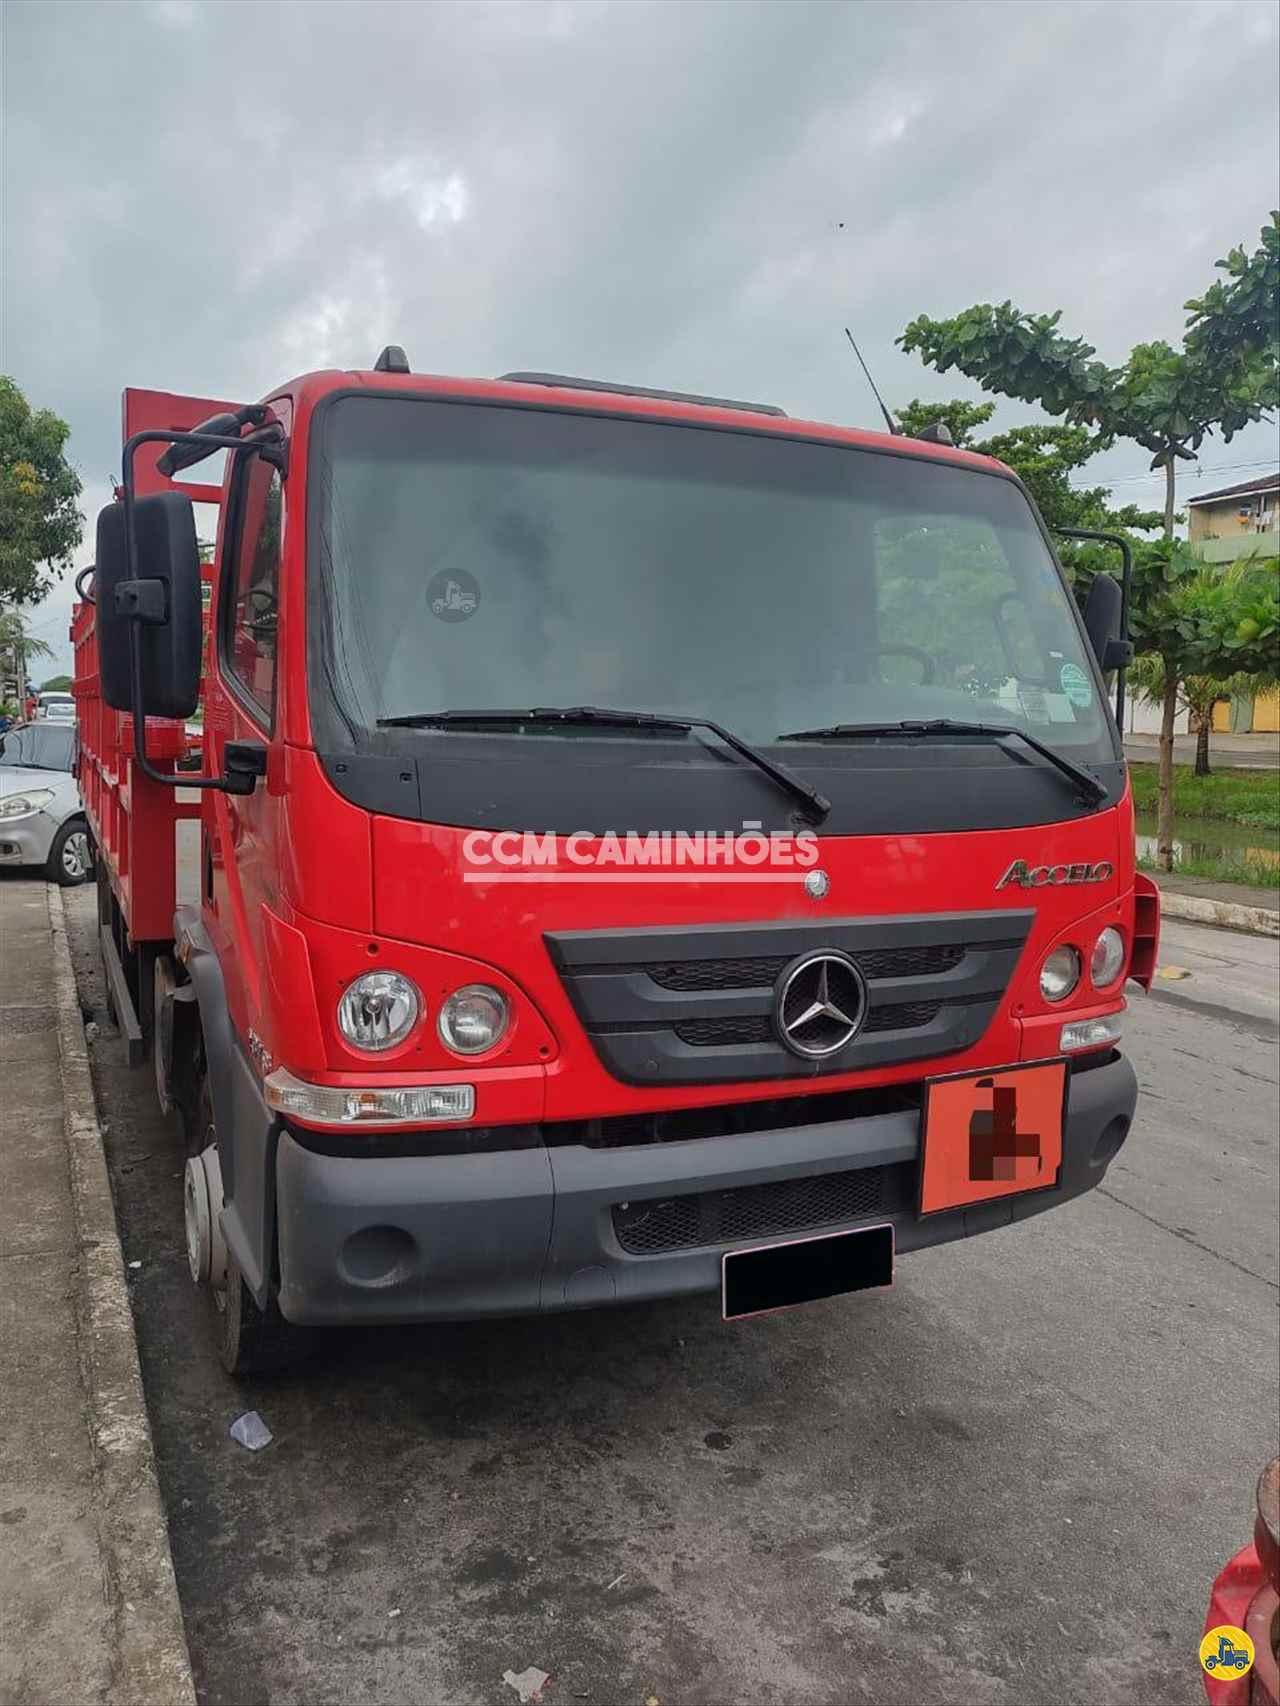 CAMINHAO MERCEDES-BENZ MB 1316 Gaiola de Gás 3/4 6x2 CCM Caminhões GOIANIA GOIAS GO